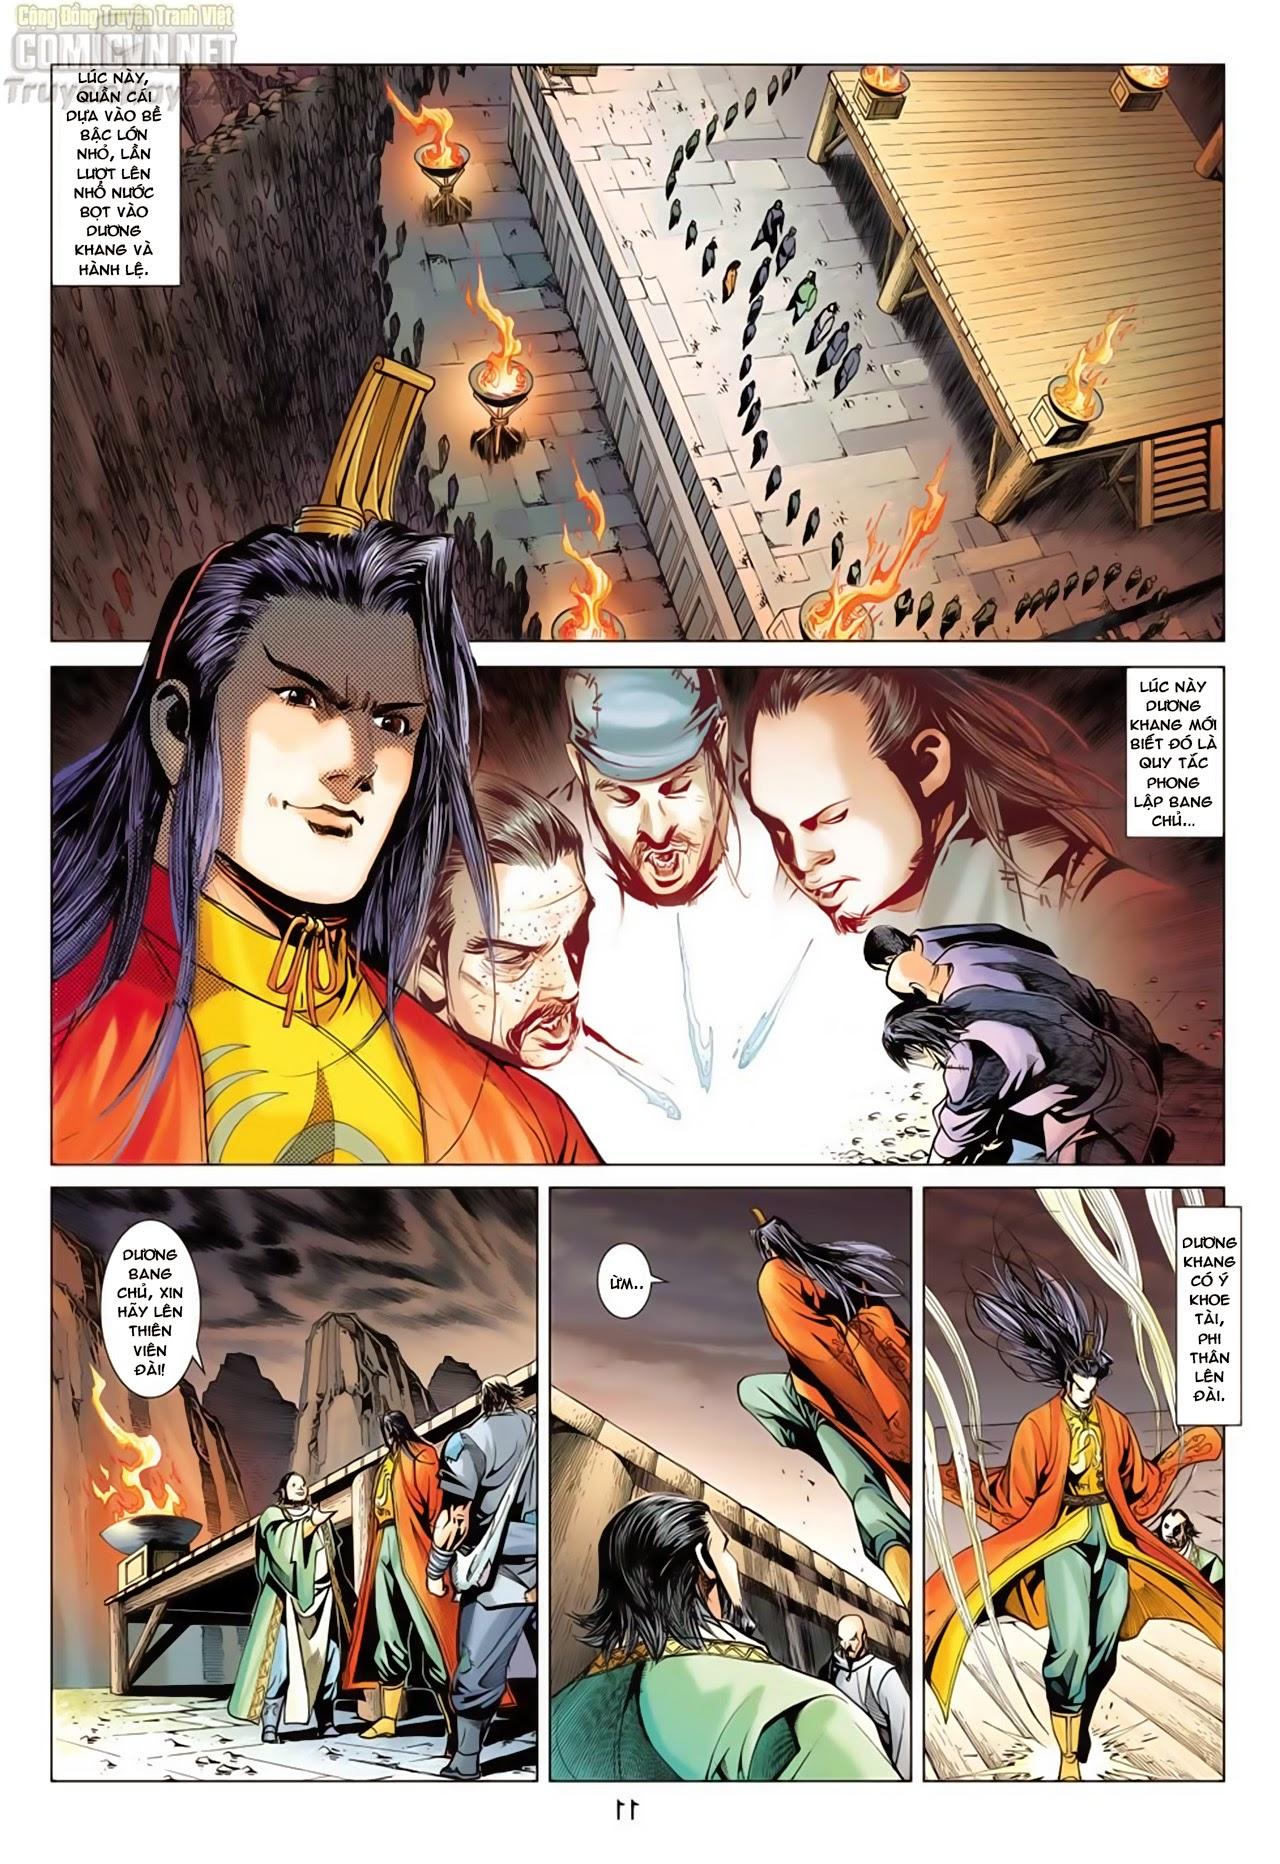 Anh Hùng Xạ Điêu anh hùng xạ đêu chap 66: nhạc châu đại hội trang 11